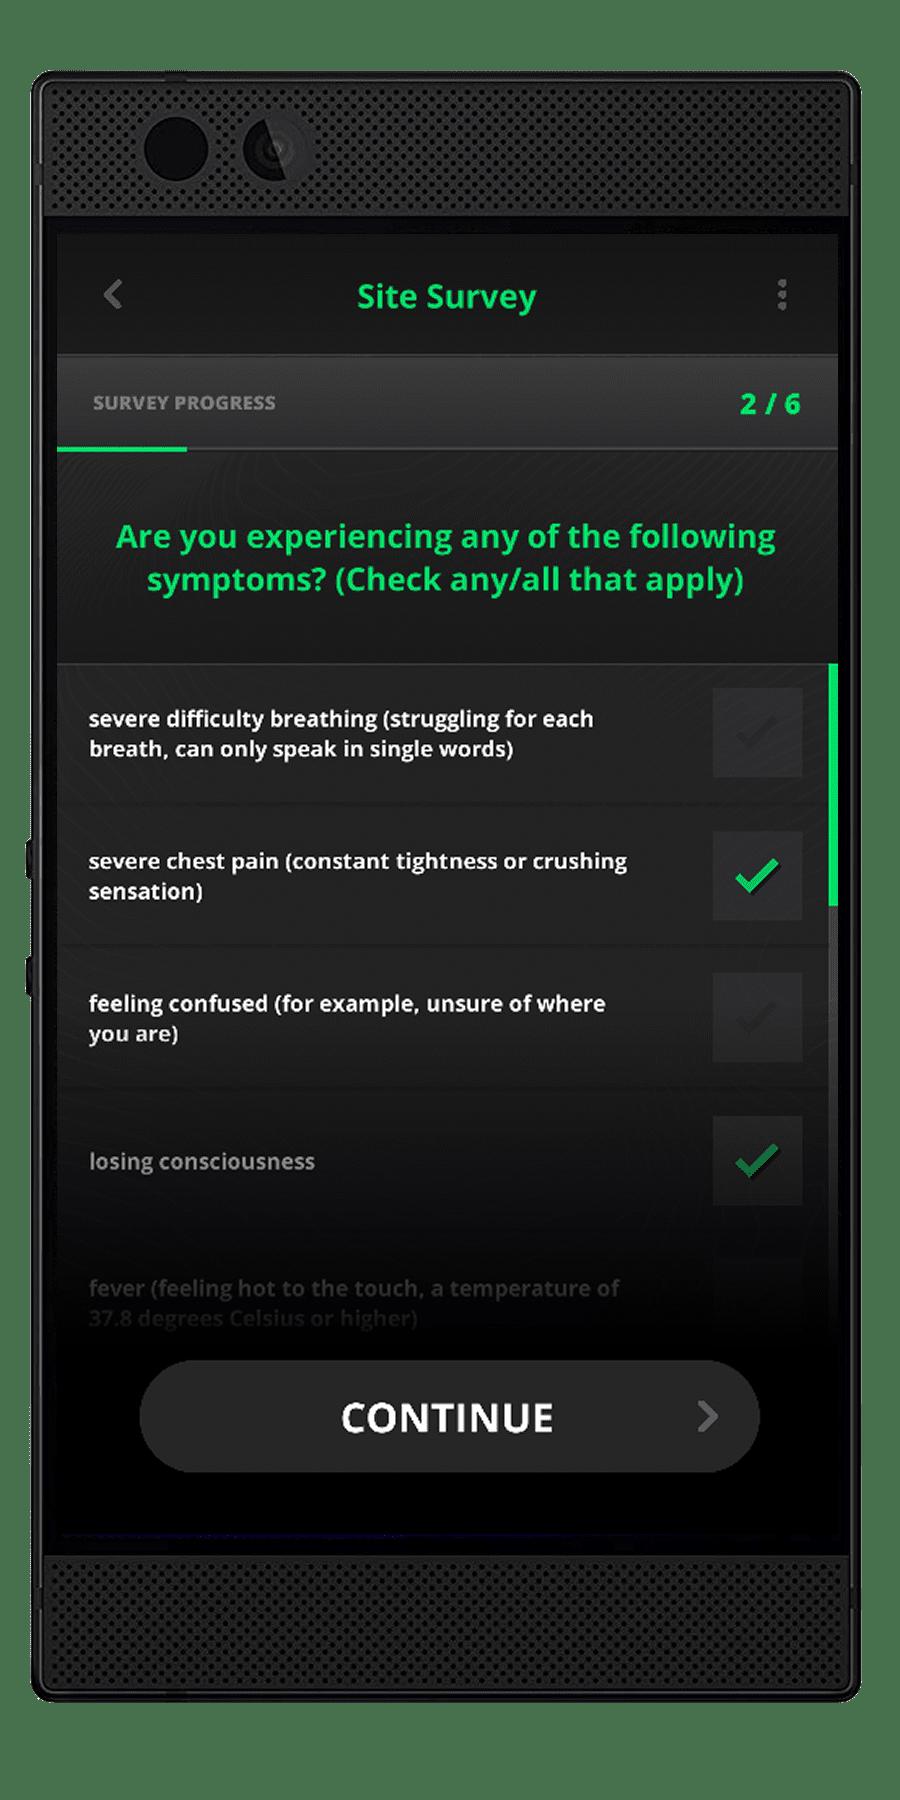 Safe Site - Self Administered Surveys